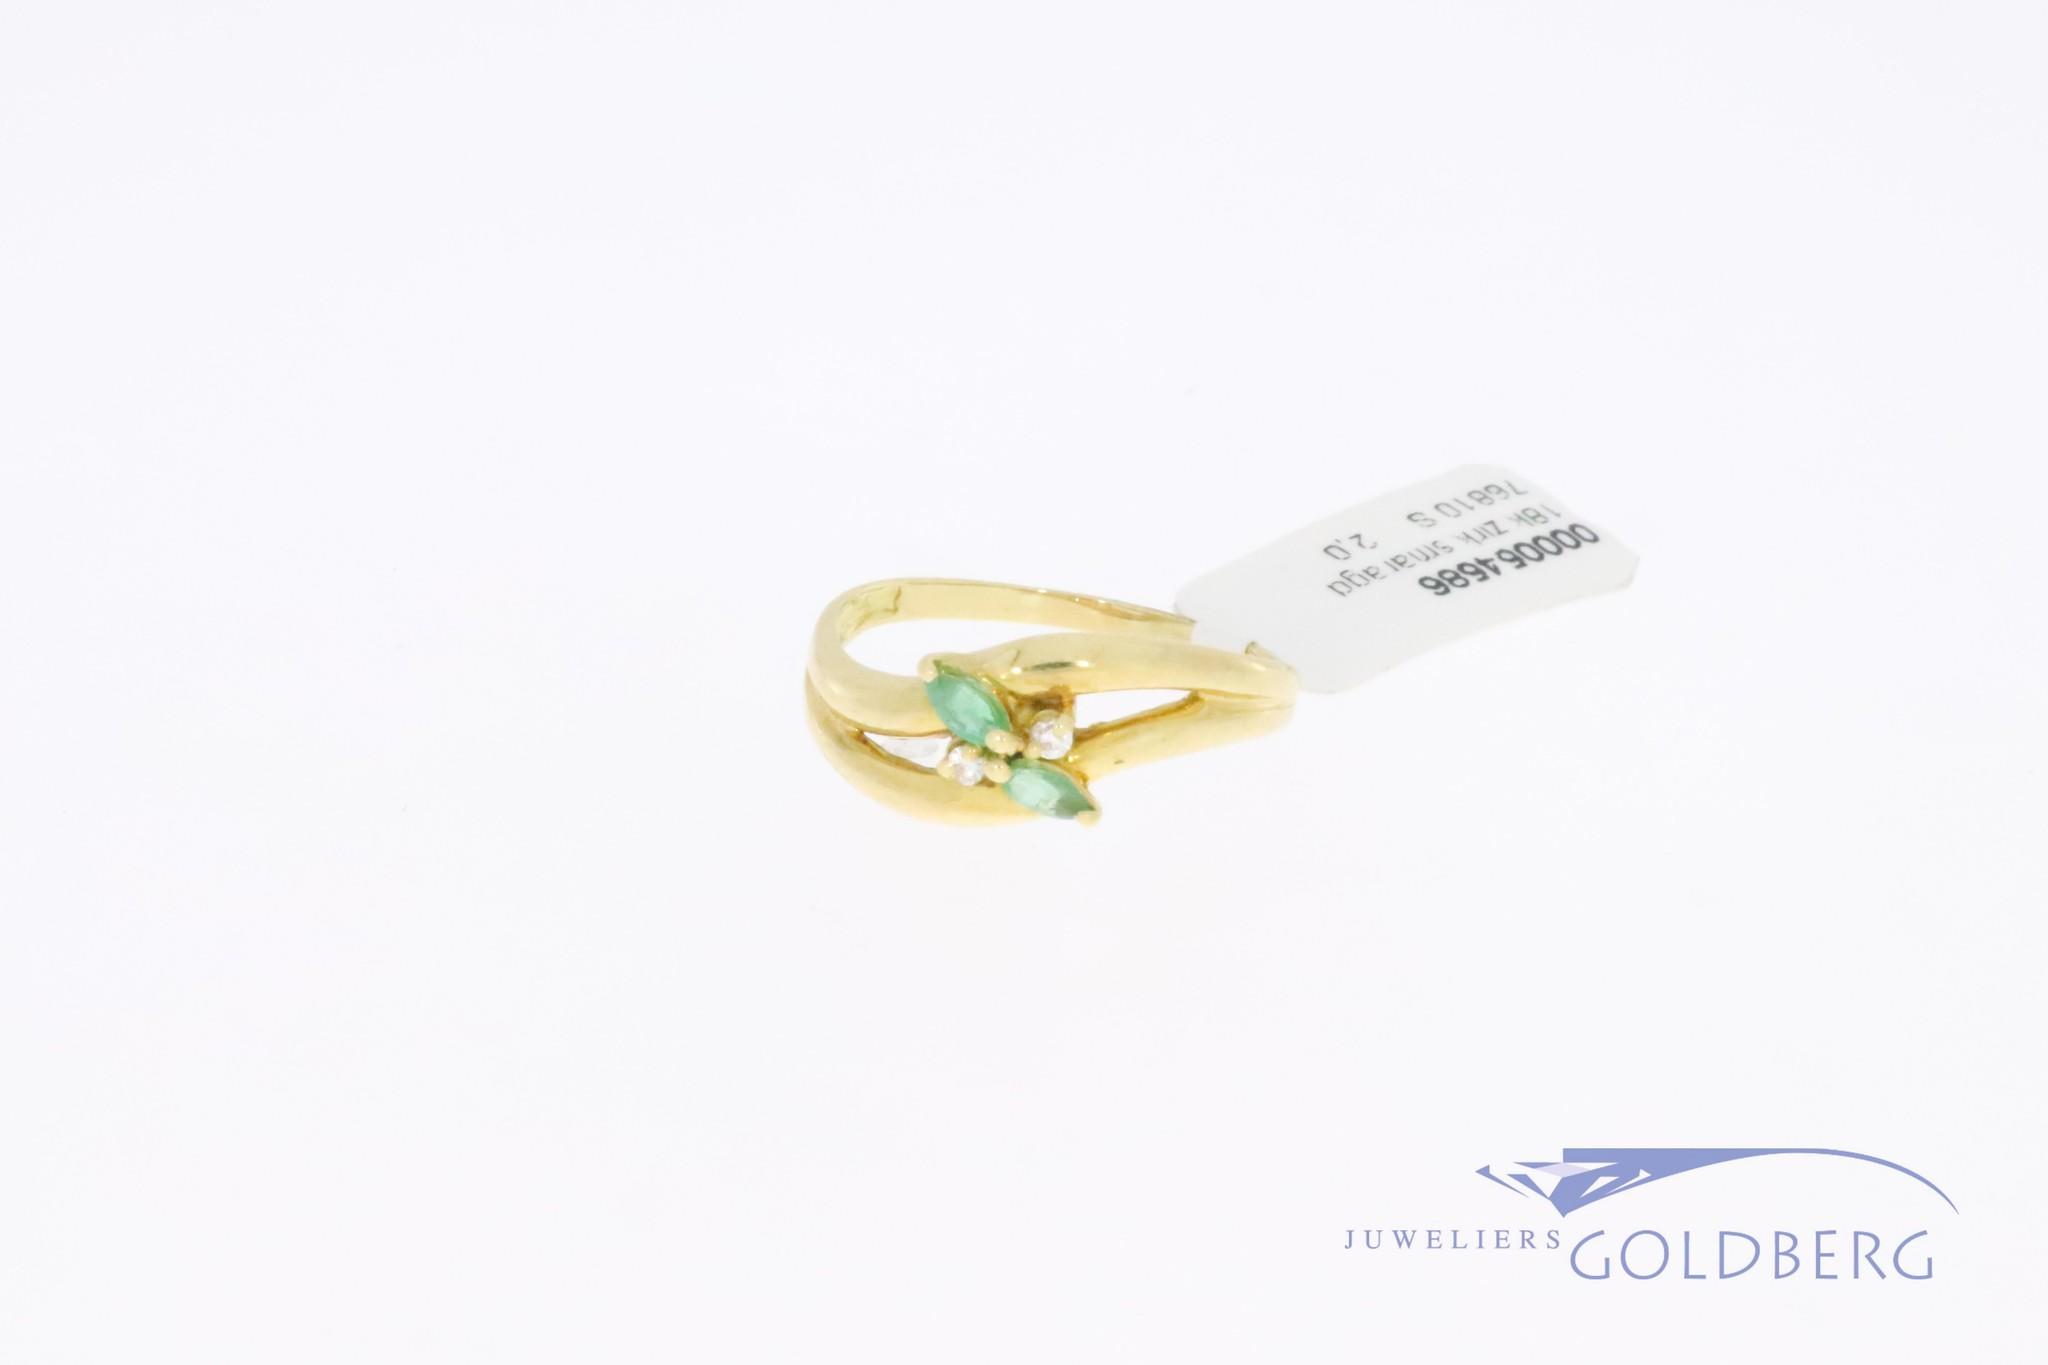 18k gouden vintage ring met zirconia en  markies geslepen smaragd